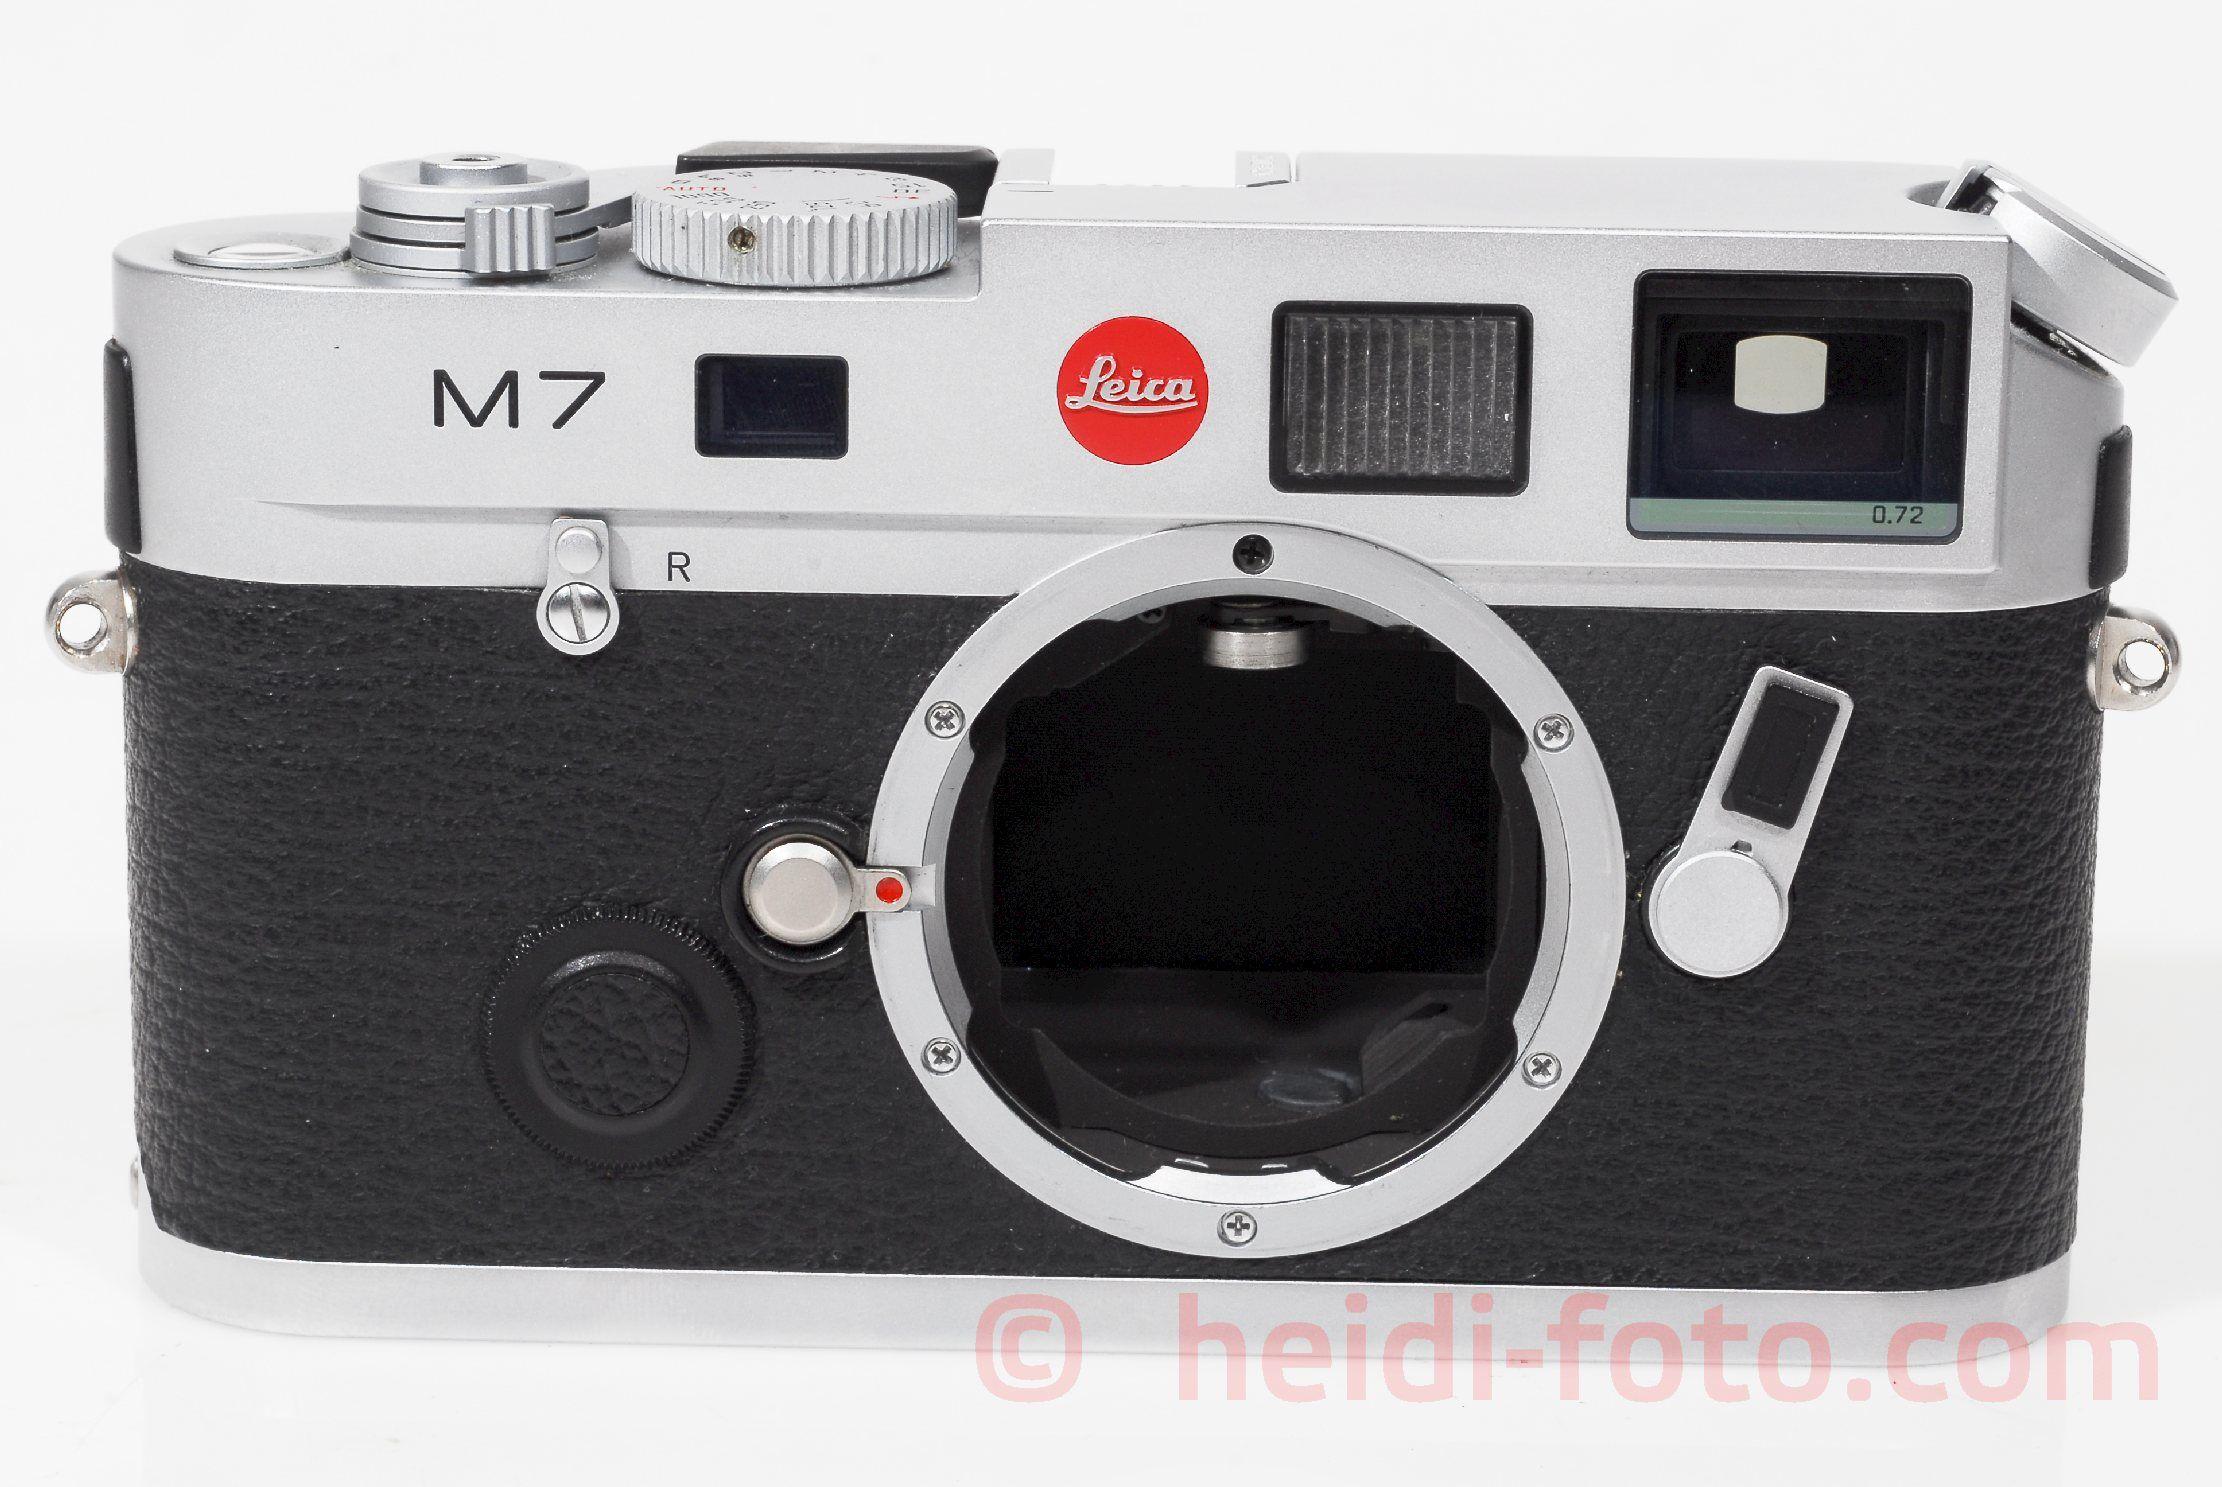 Leica Entfernungsmesser Einstellen : Leica m heidi foto münchen